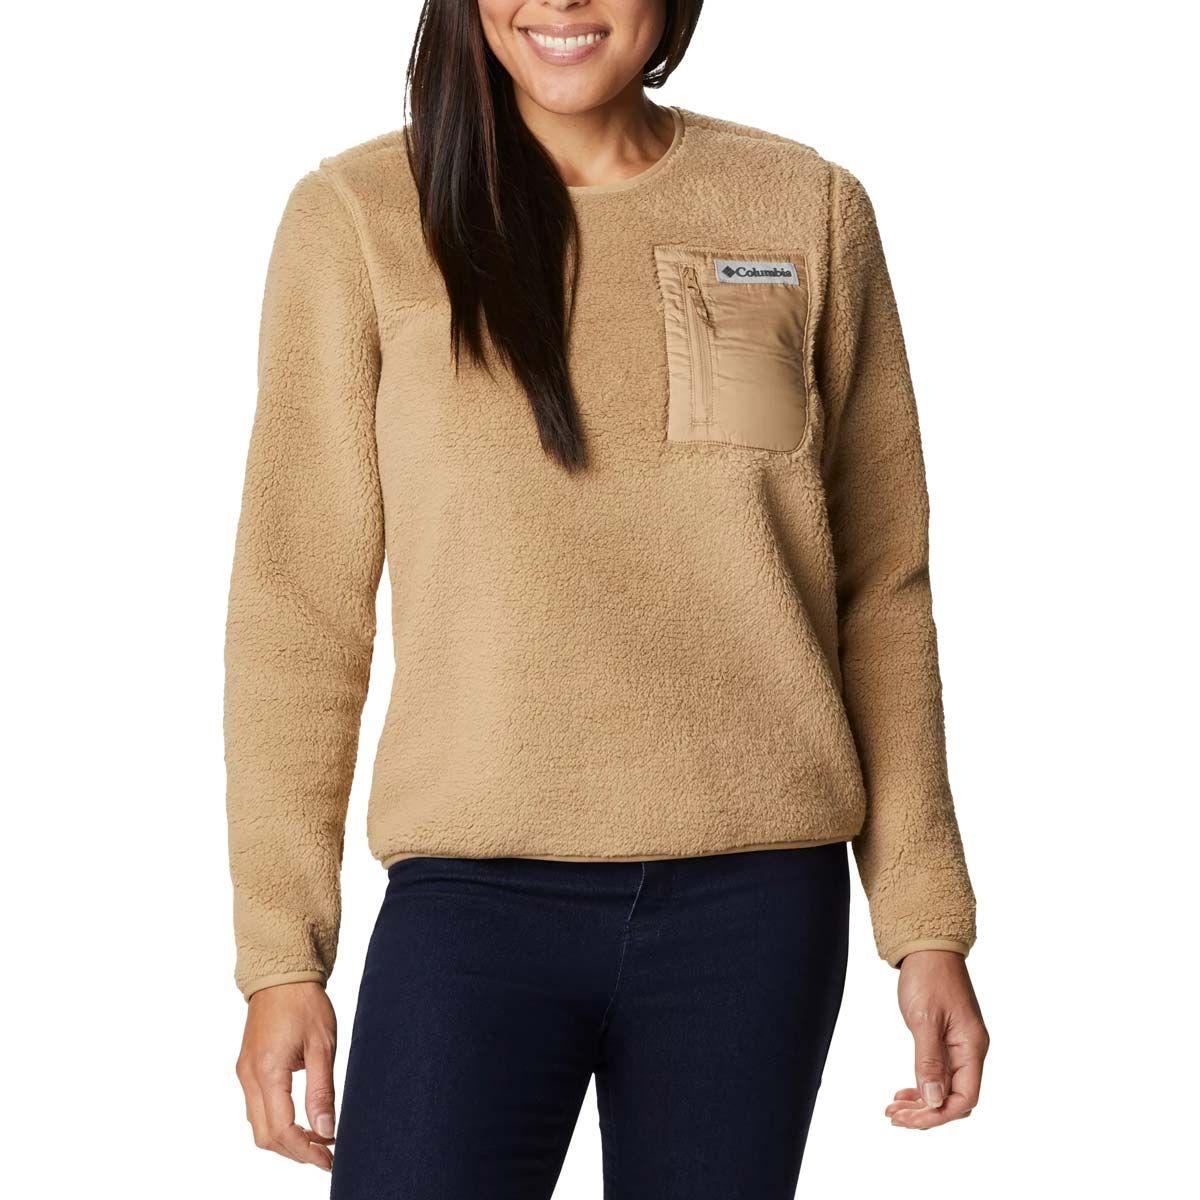 columbia maglione pullover sherpa westbend donna sabbia